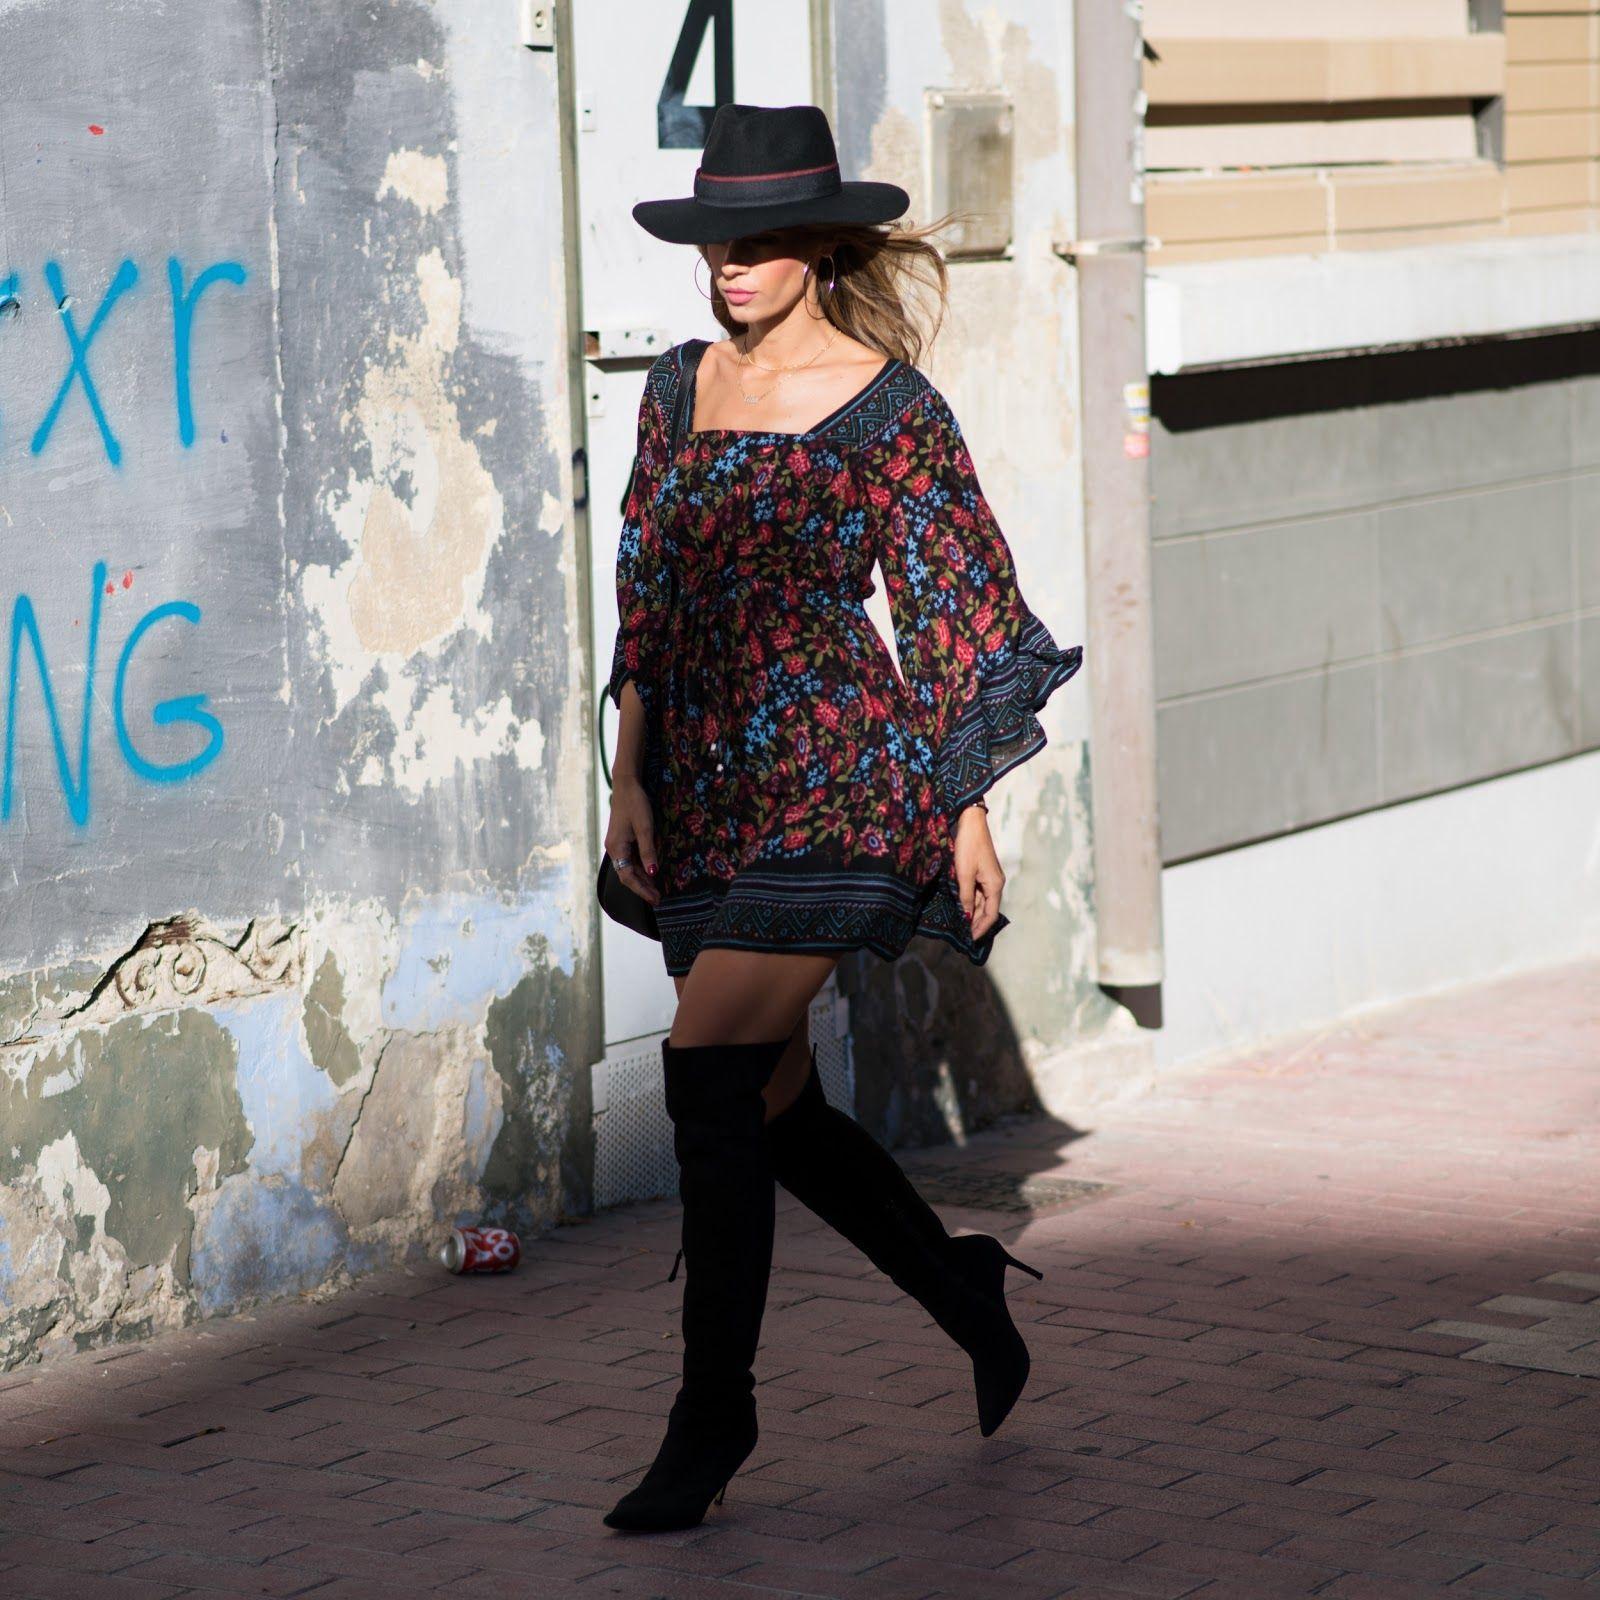 Ms Treinta - Blog de moda y tendencias by Alba. - Fashion Blogger -: FOLK